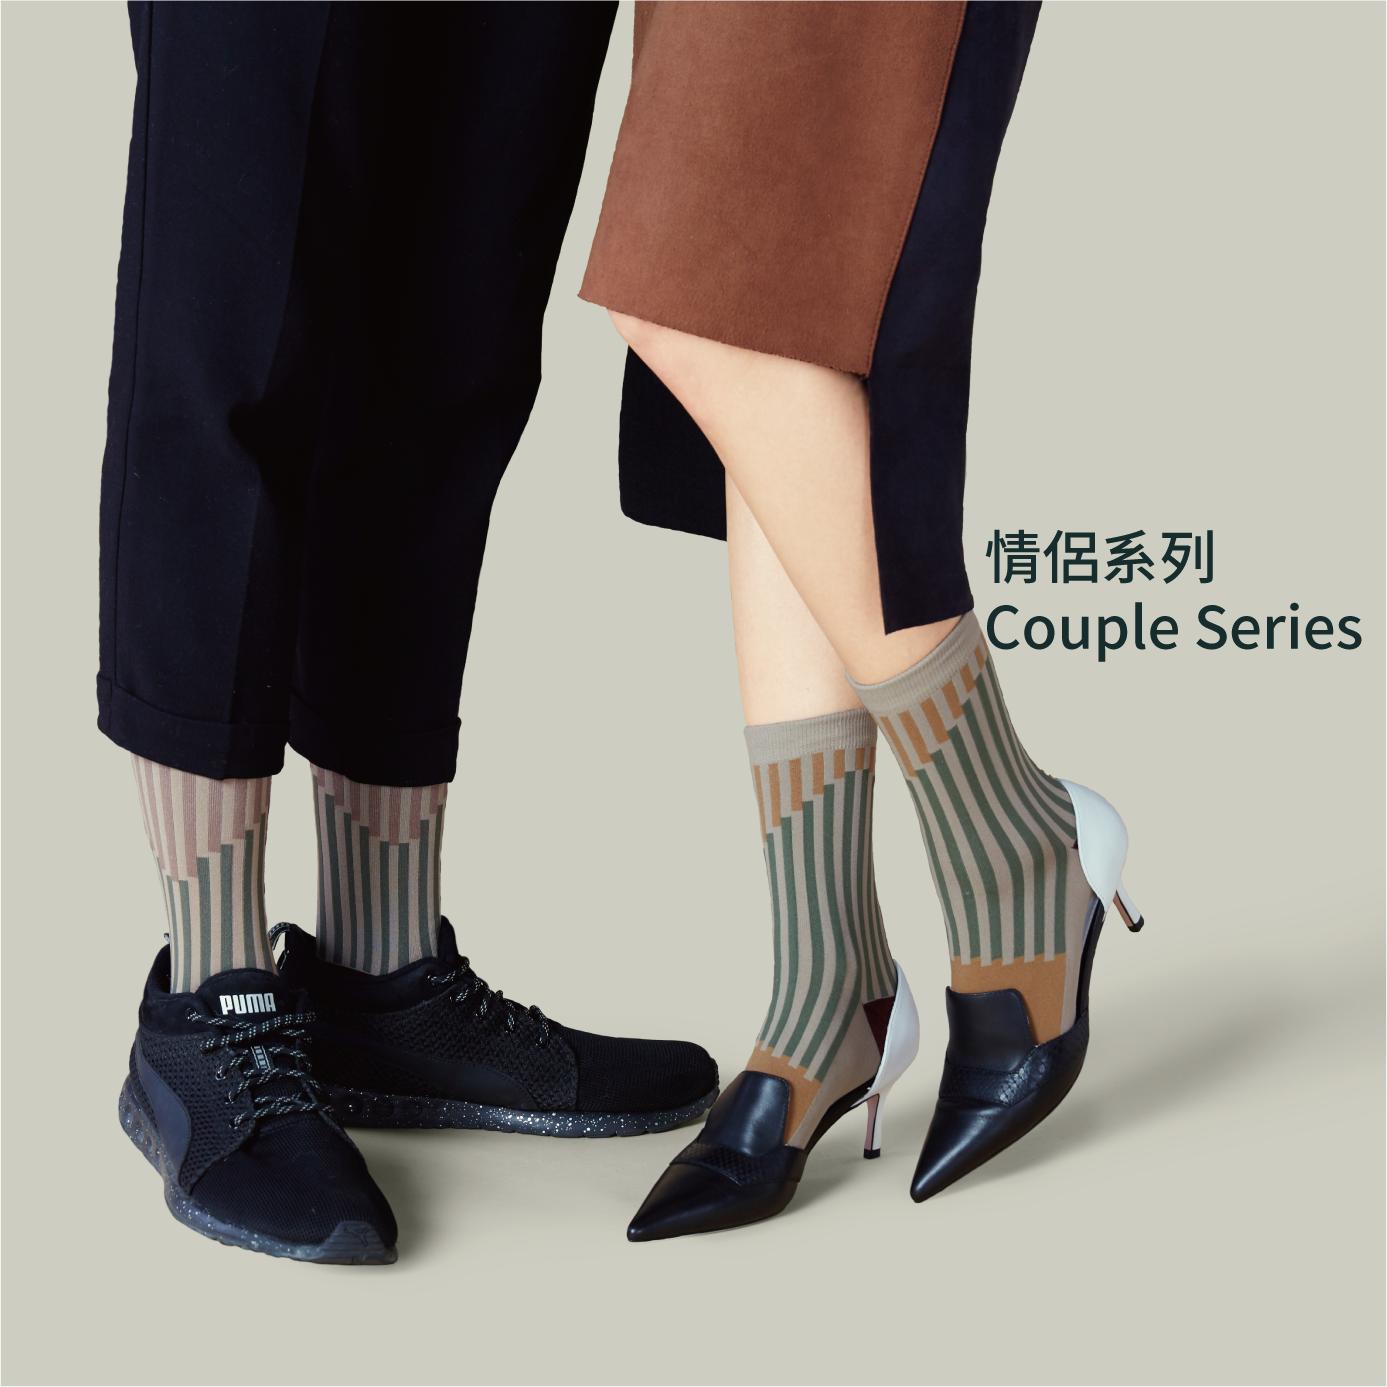 情侶機能設計襪